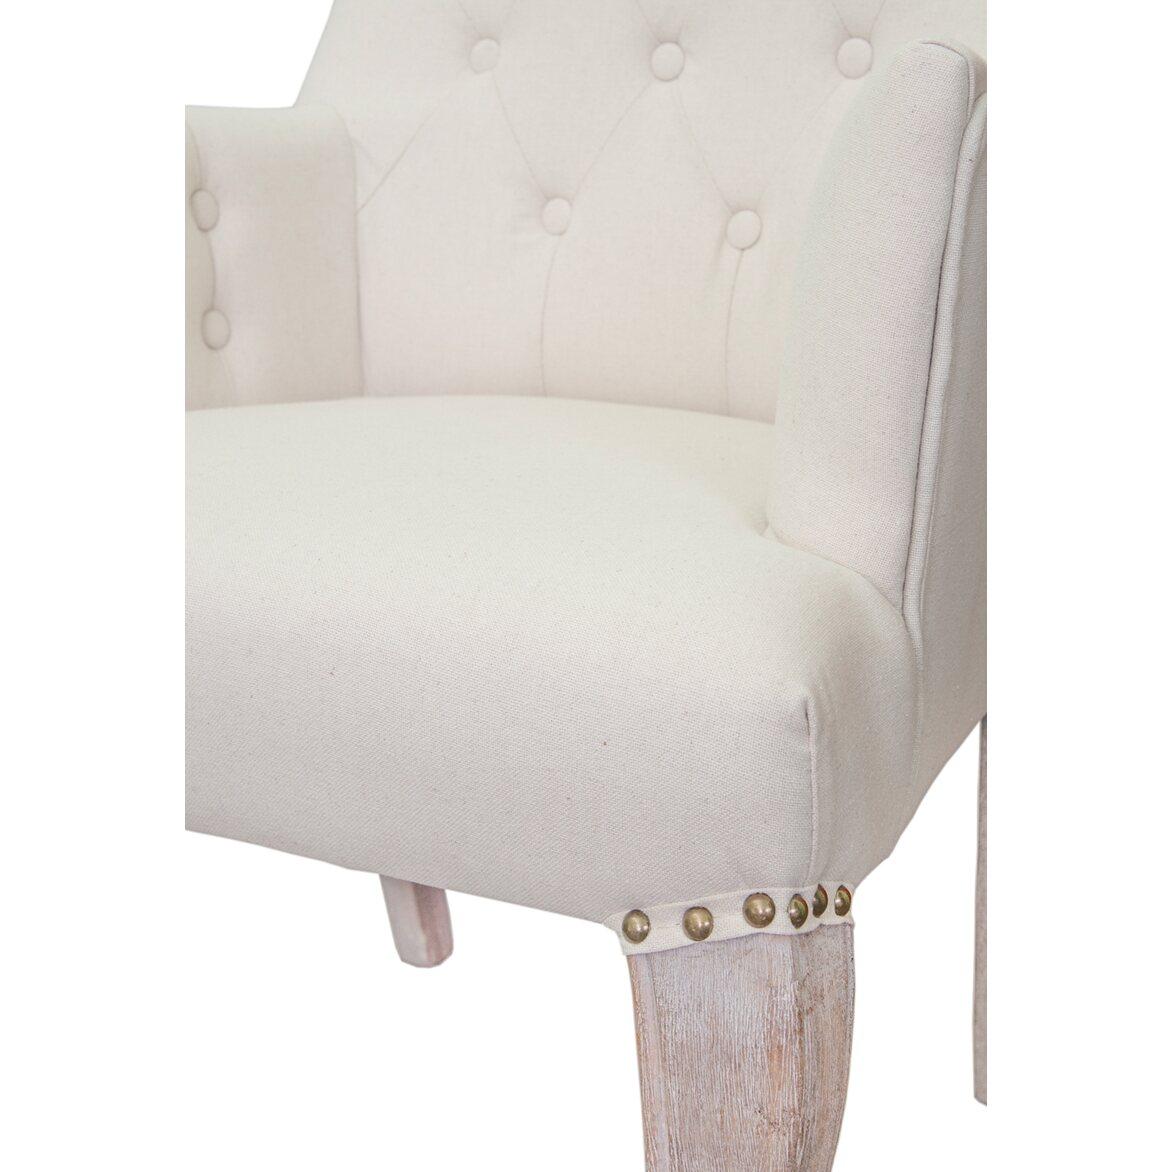 Кресло Deron beige ver.2 5 | Кресло-стул Kingsby